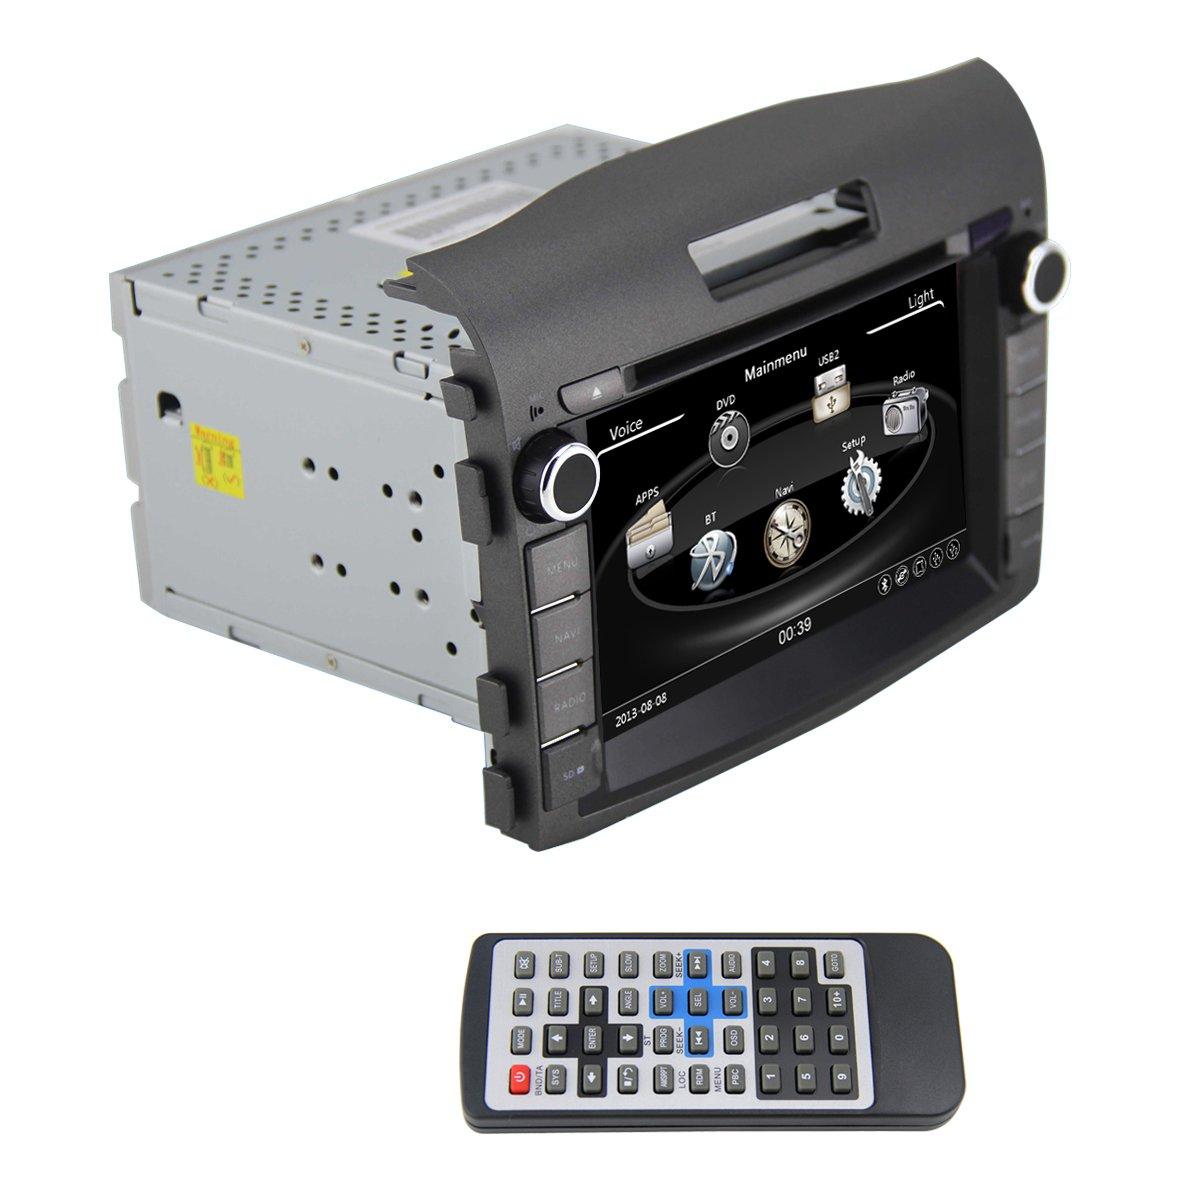 qsicisl 8インチHonda CRV 2012年のダッシュダブルDIN車DVDプレーヤーHDデジタルタッチ画面車ラジオステレオGPSナビゲーションマルチメディアプレーヤーwith NaviサポートBluetooth / SD / FM / AM / DVR / 1080p B077XP6RQW